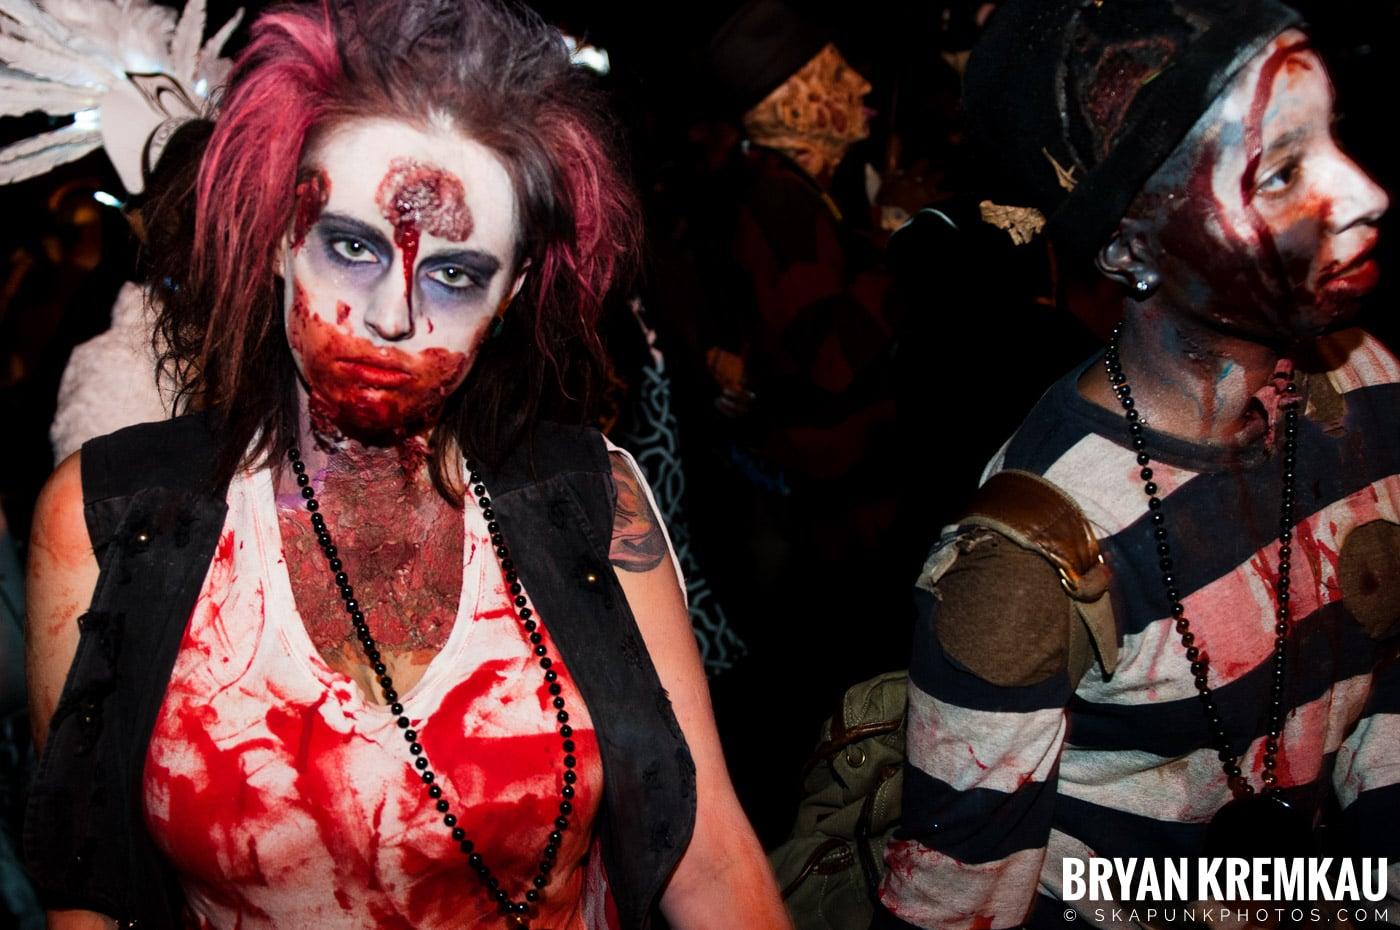 NYC Halloween Parade 2011 @ New York, NY - 10.31.11 (14)